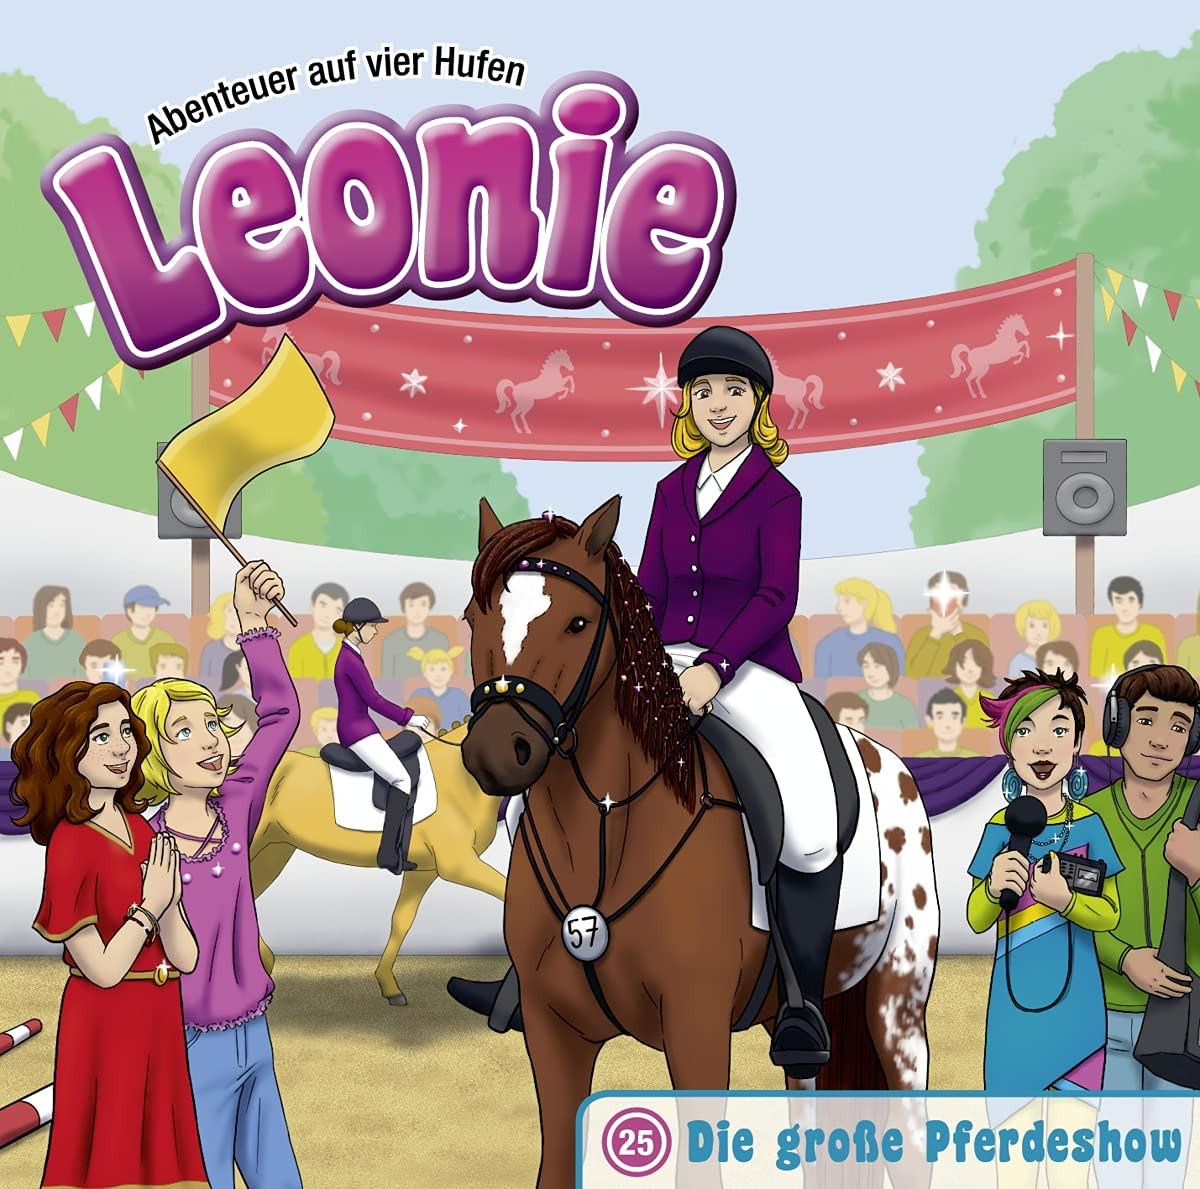 Leonie - Abenteuer auf vier Hufen - Folge 25: Die große Pferdeshow